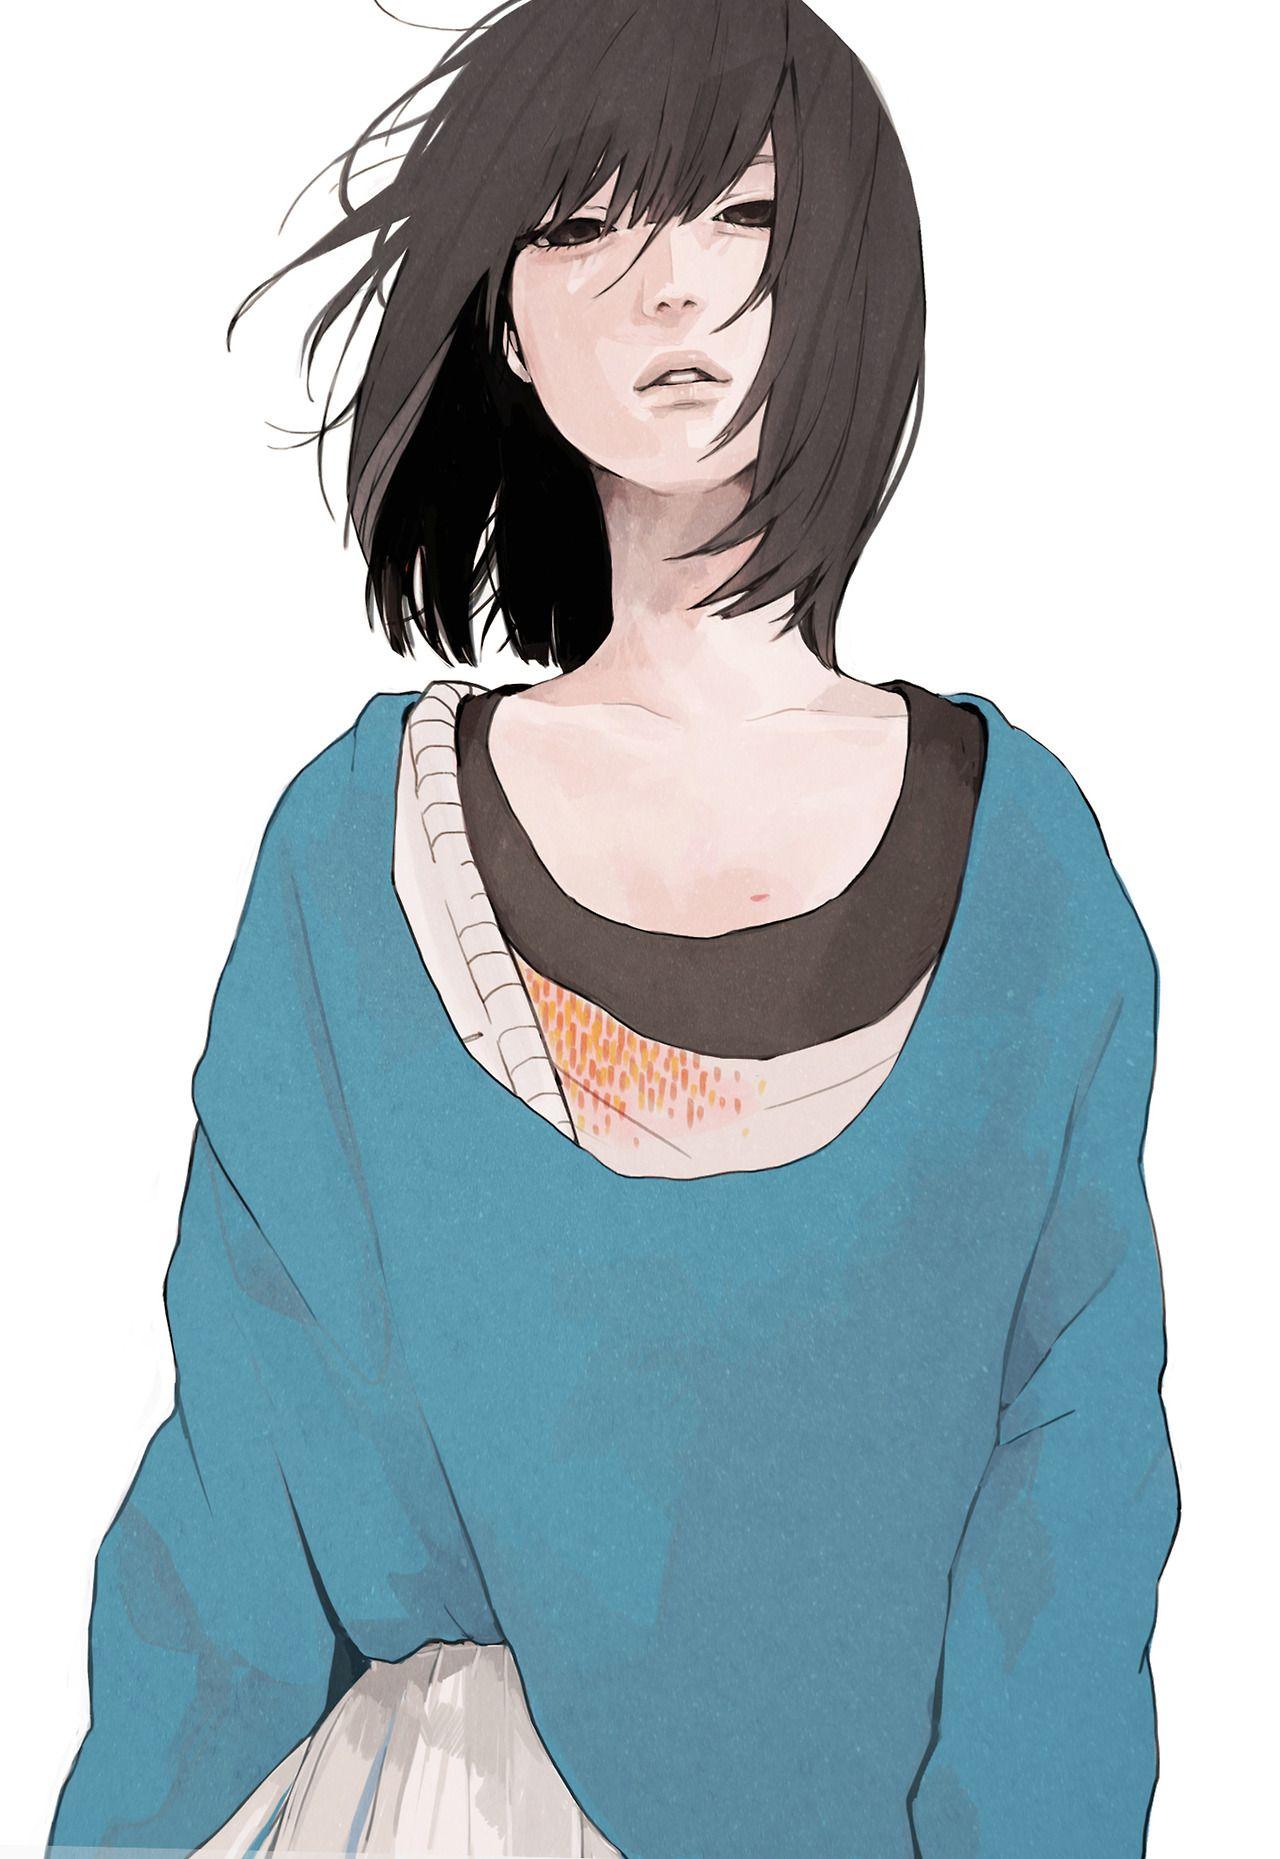 snnn illustration Short hair styles, Manga art